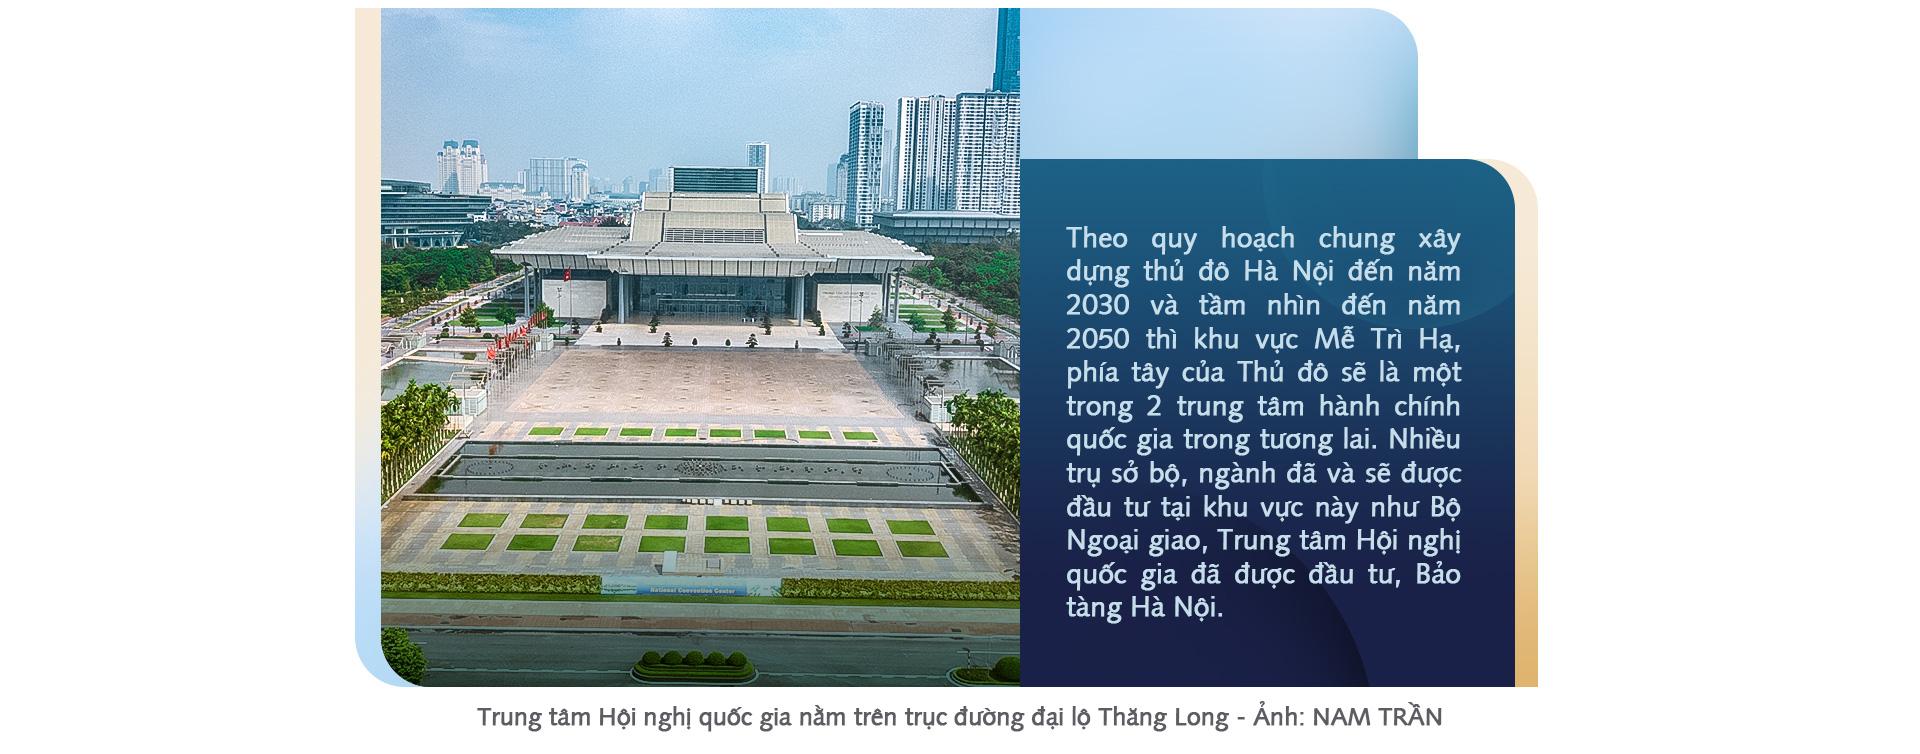 Trung tâm mới phía Tây Hà Nội thu hút nhà đầu tư quốc tế - Ảnh 6.